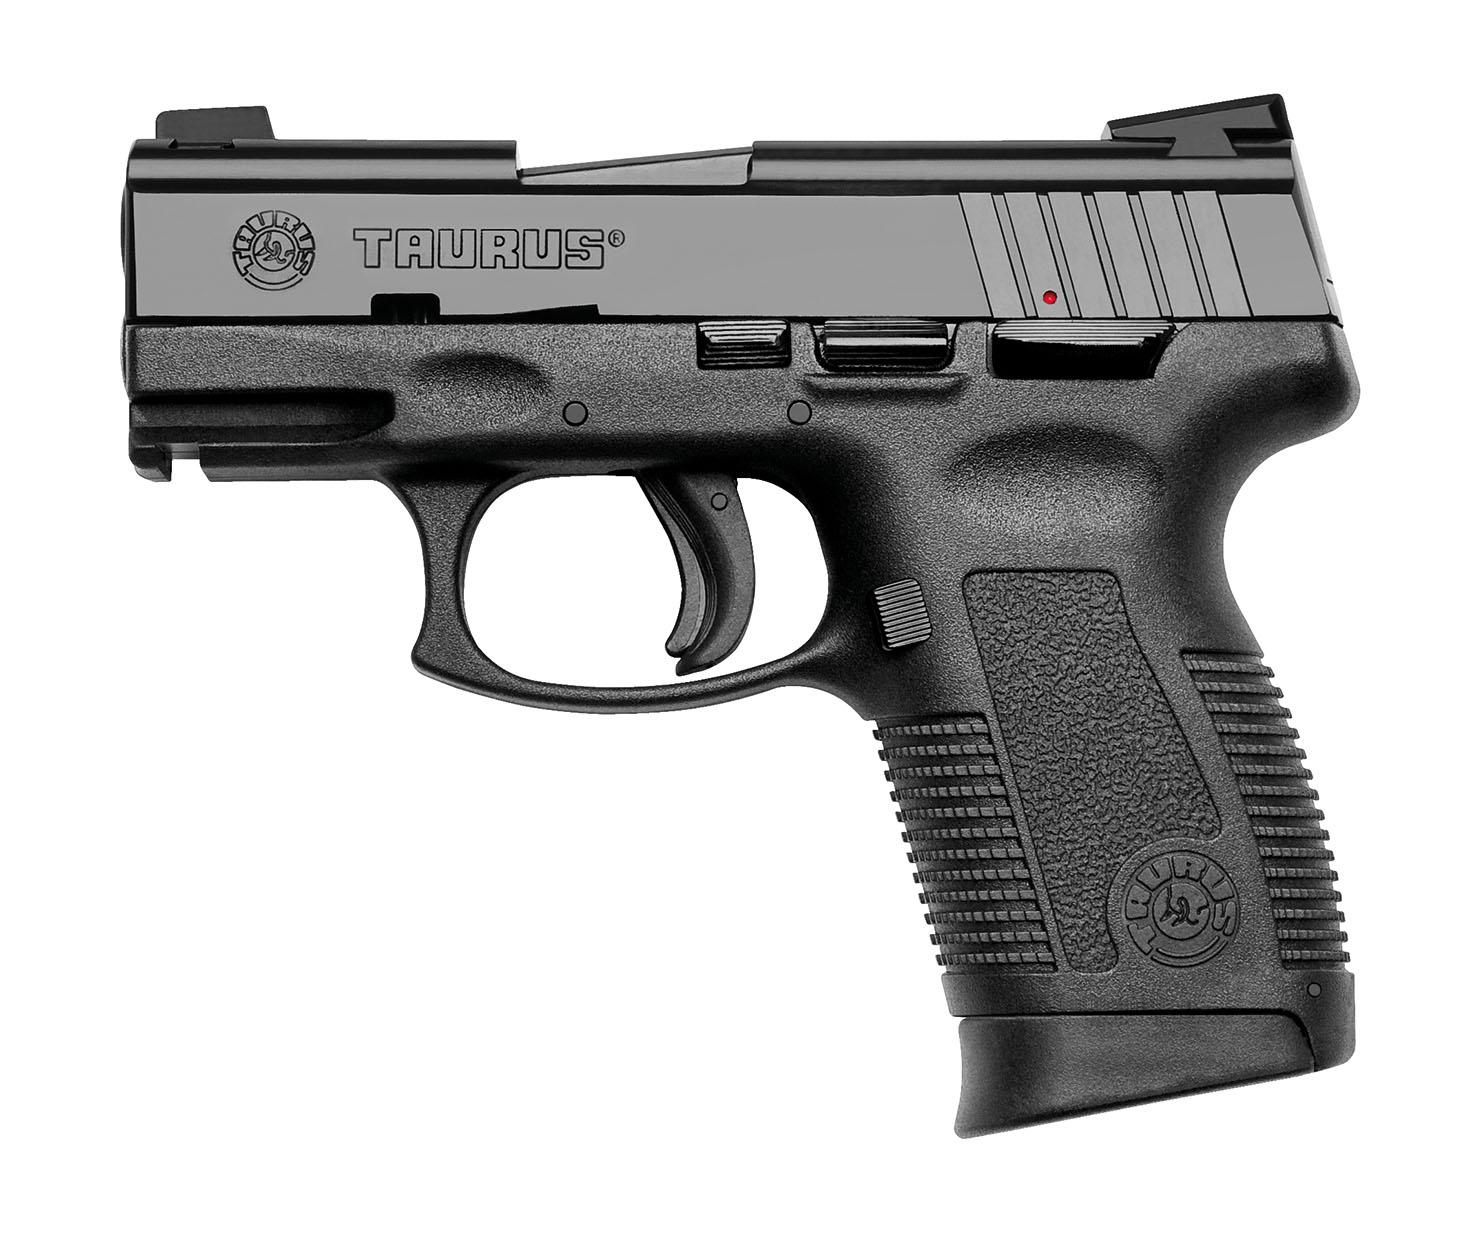 Pistola Taurus 638 PRO - Pistolas - Taurus Armas